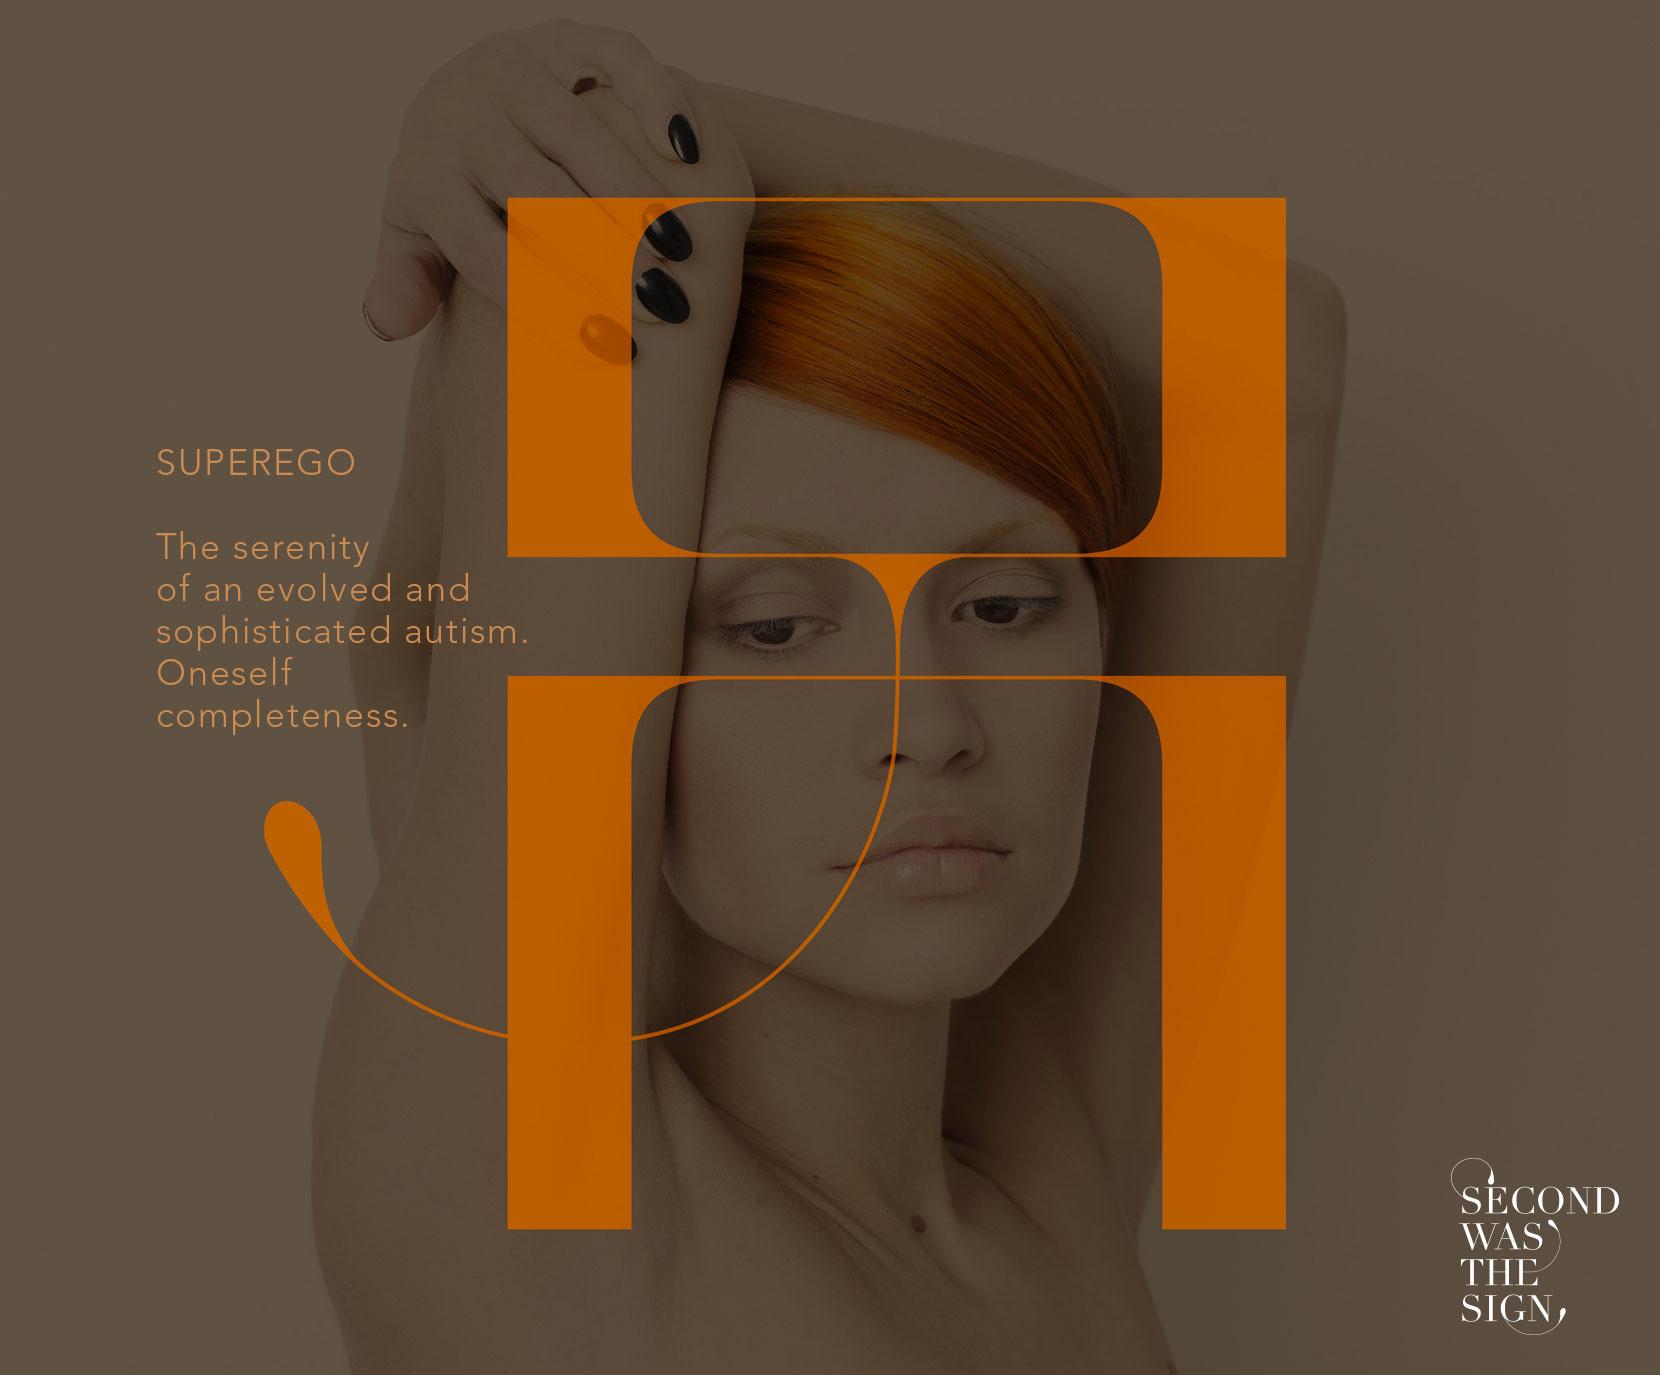 monogram-silvio-cocco-graphic-design-10